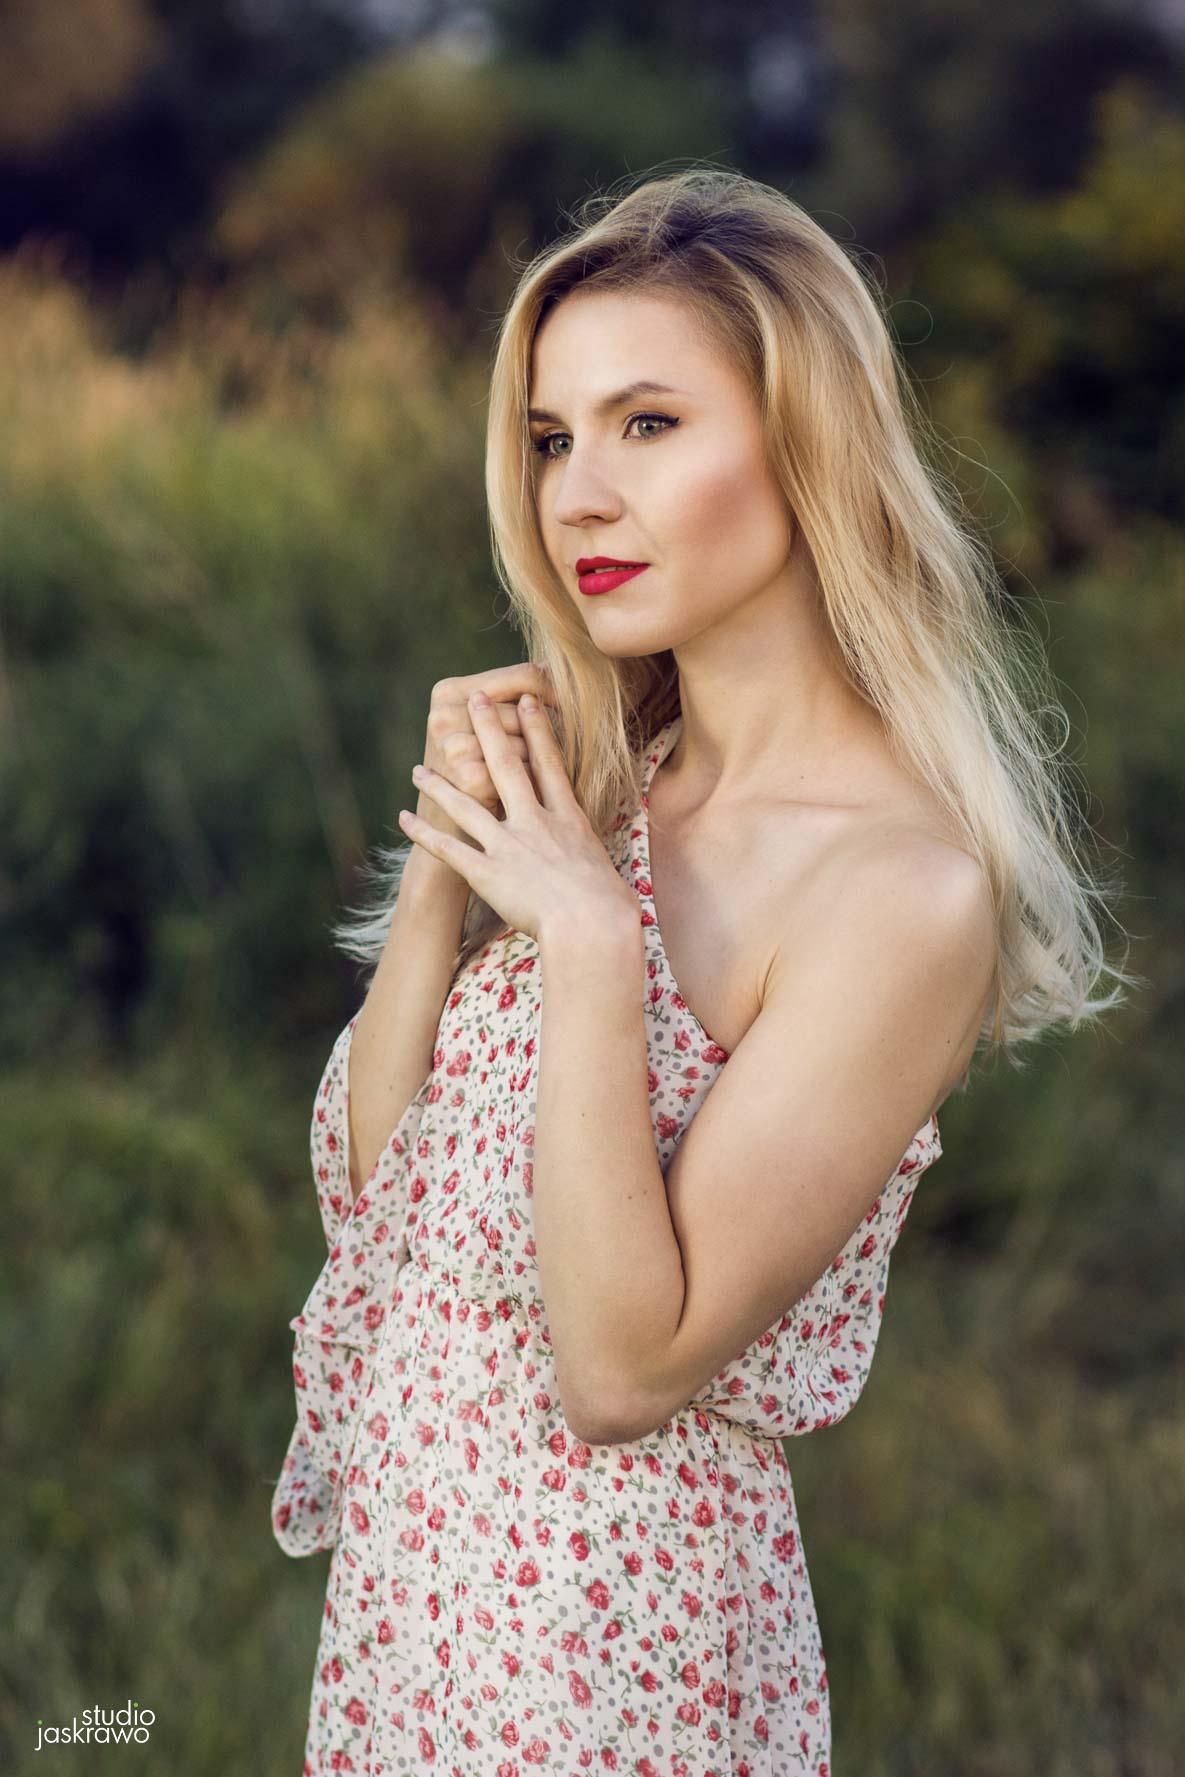 dziewczyna w kwiecistej sukience z rękoma przy twarzy